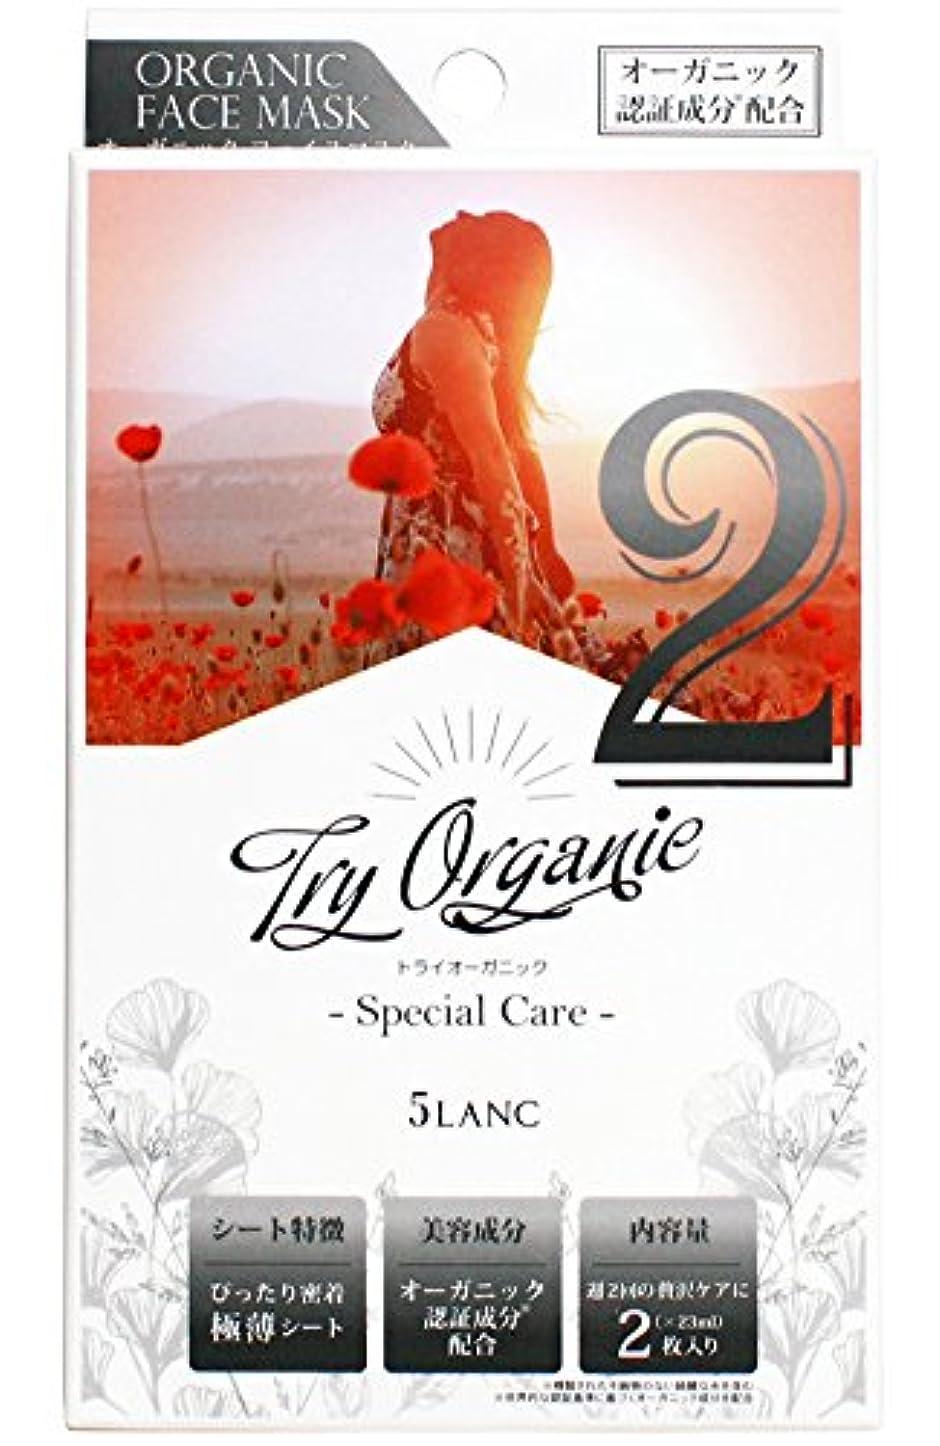 戦いハロウィン抽選5LANC(ファイブランク) TryOrganic 『ORGANIC FACE MASK/オーガニック フェイスマスク(2枚入り)』(Special Care/スペシャルケア)